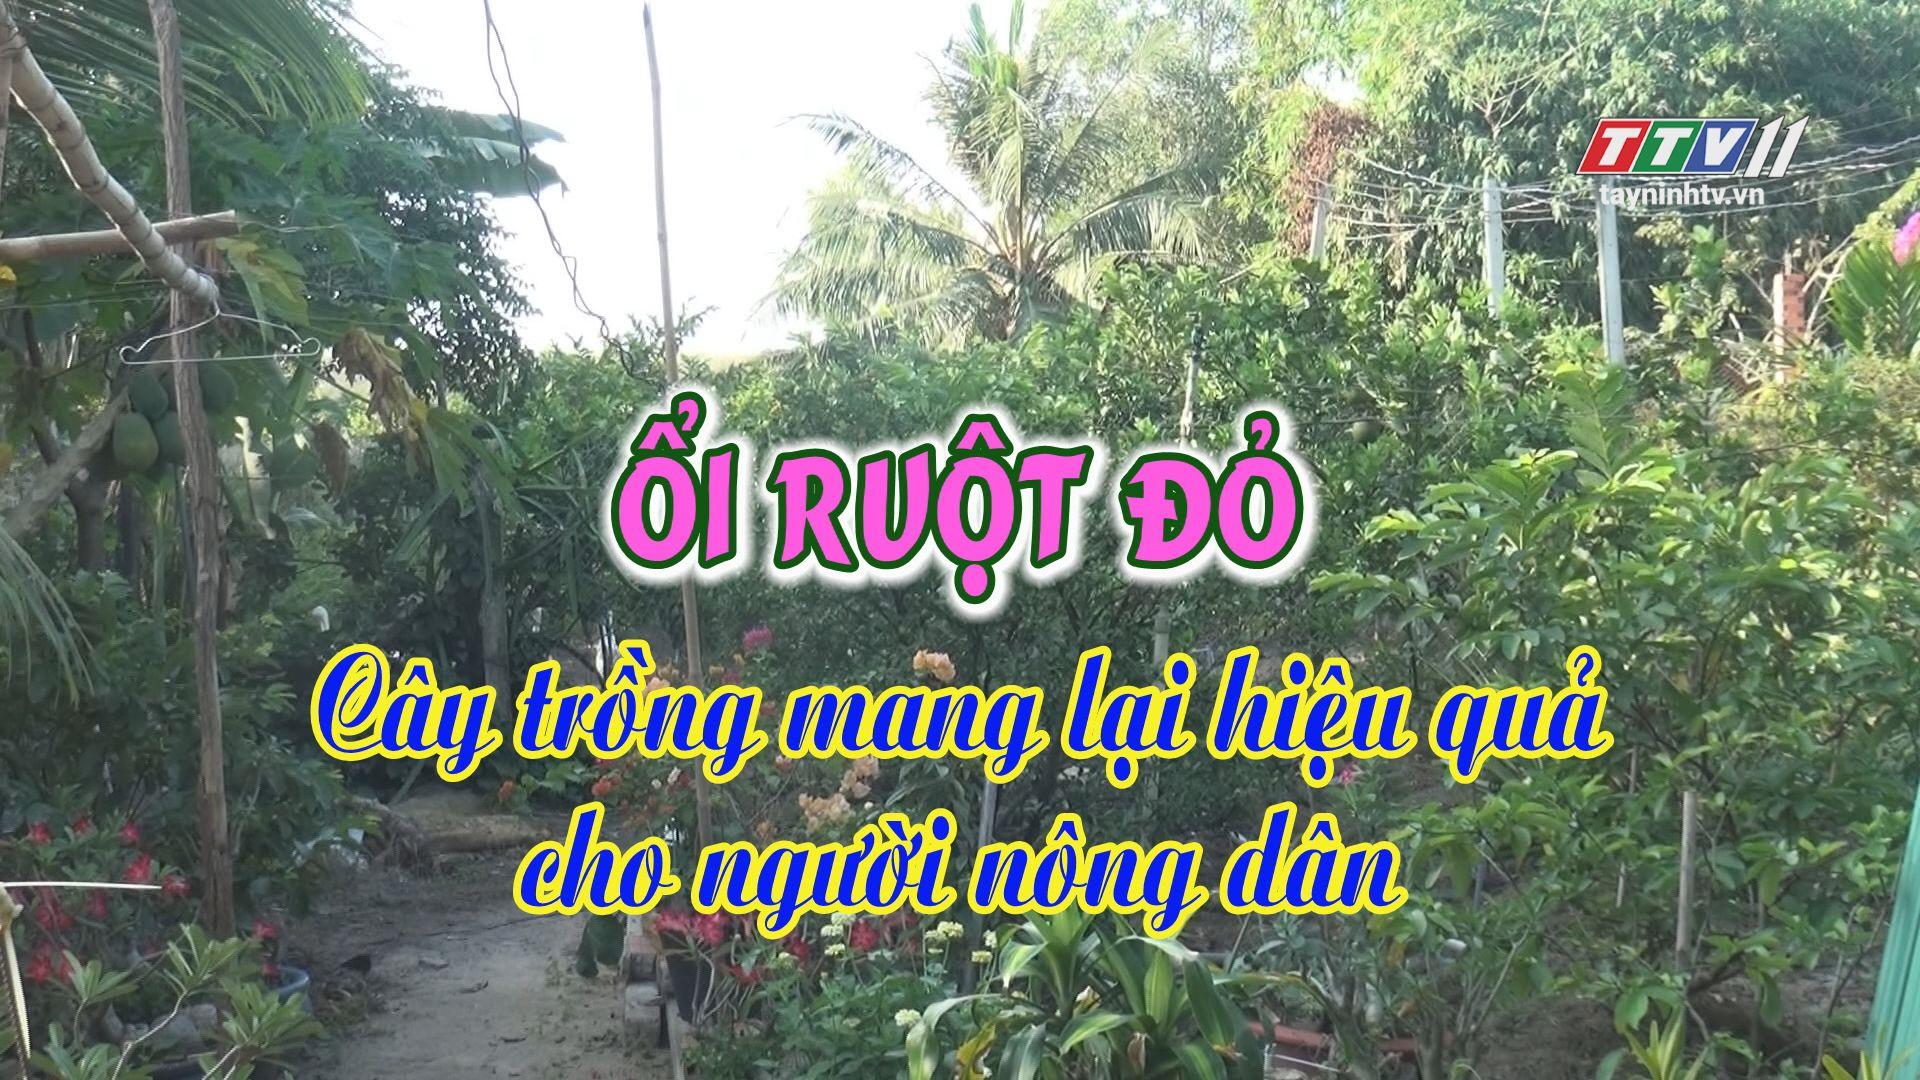 Ổi ruột đỏ - Cây trồng mang lại hiệu quả cho người nông dân | THÔNG TIN TỪ CƠ SỞ | TayNinhTV